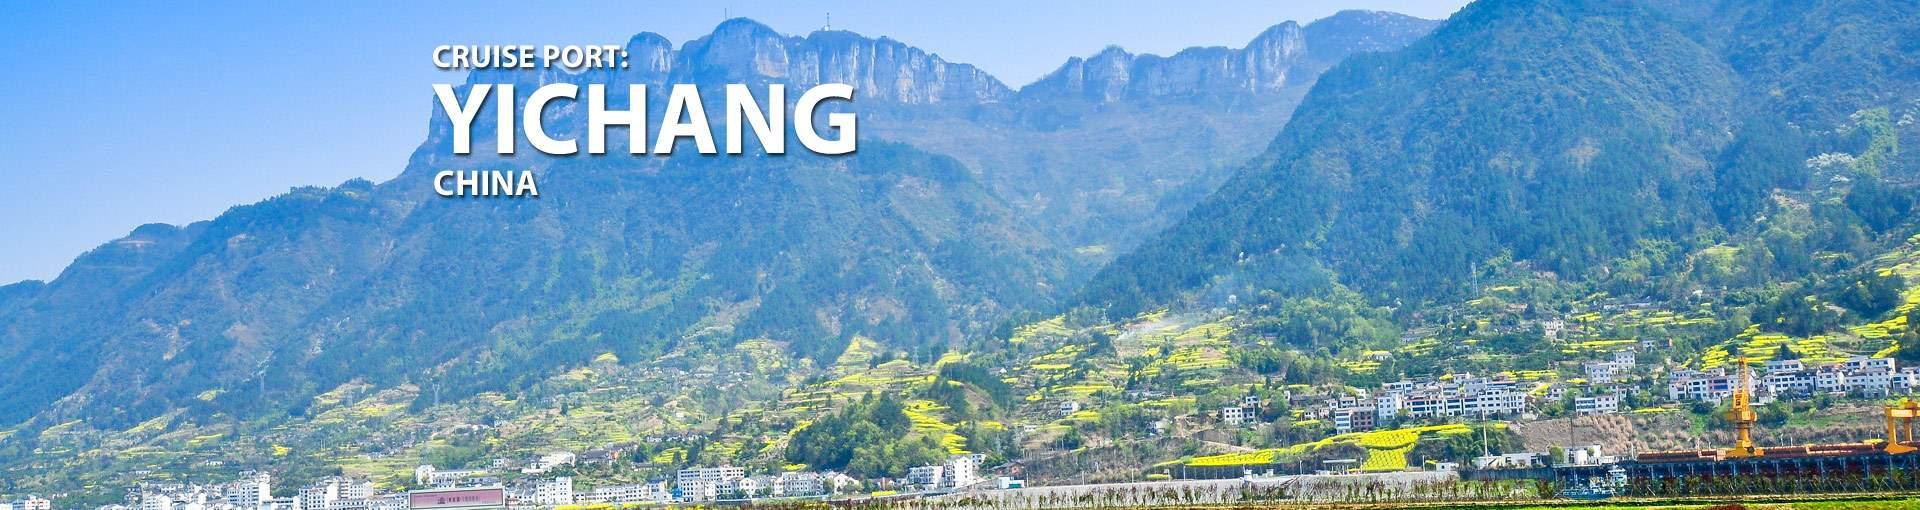 Cruises from Yichang, China